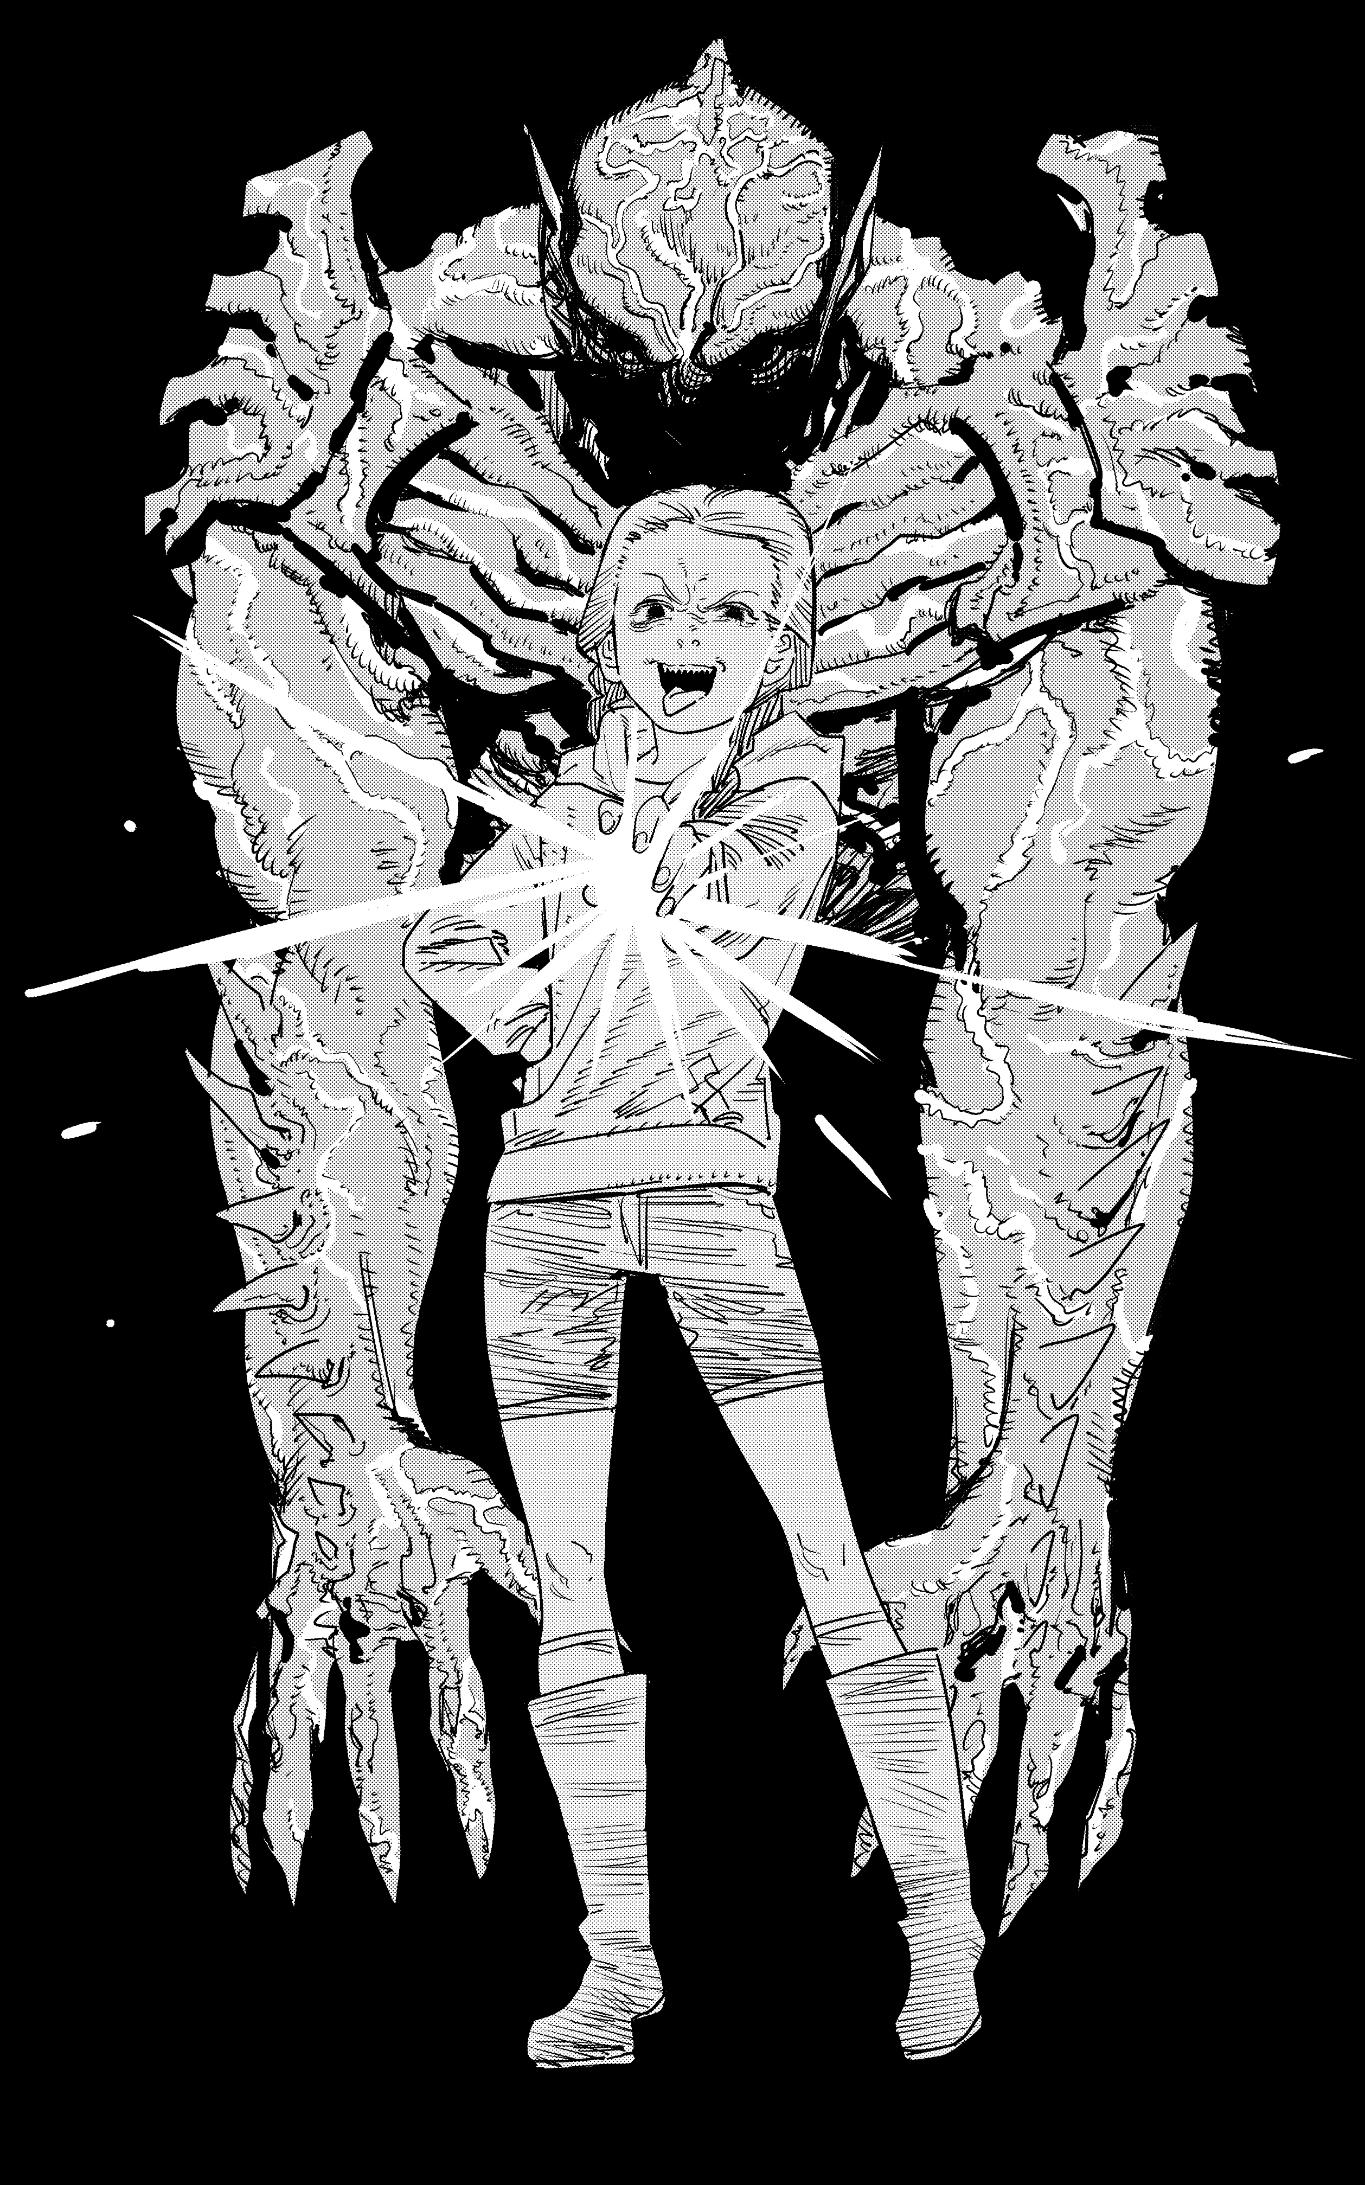 藤本タツキ氏描き下ろし『サイコ・ゴアマン』イラスト